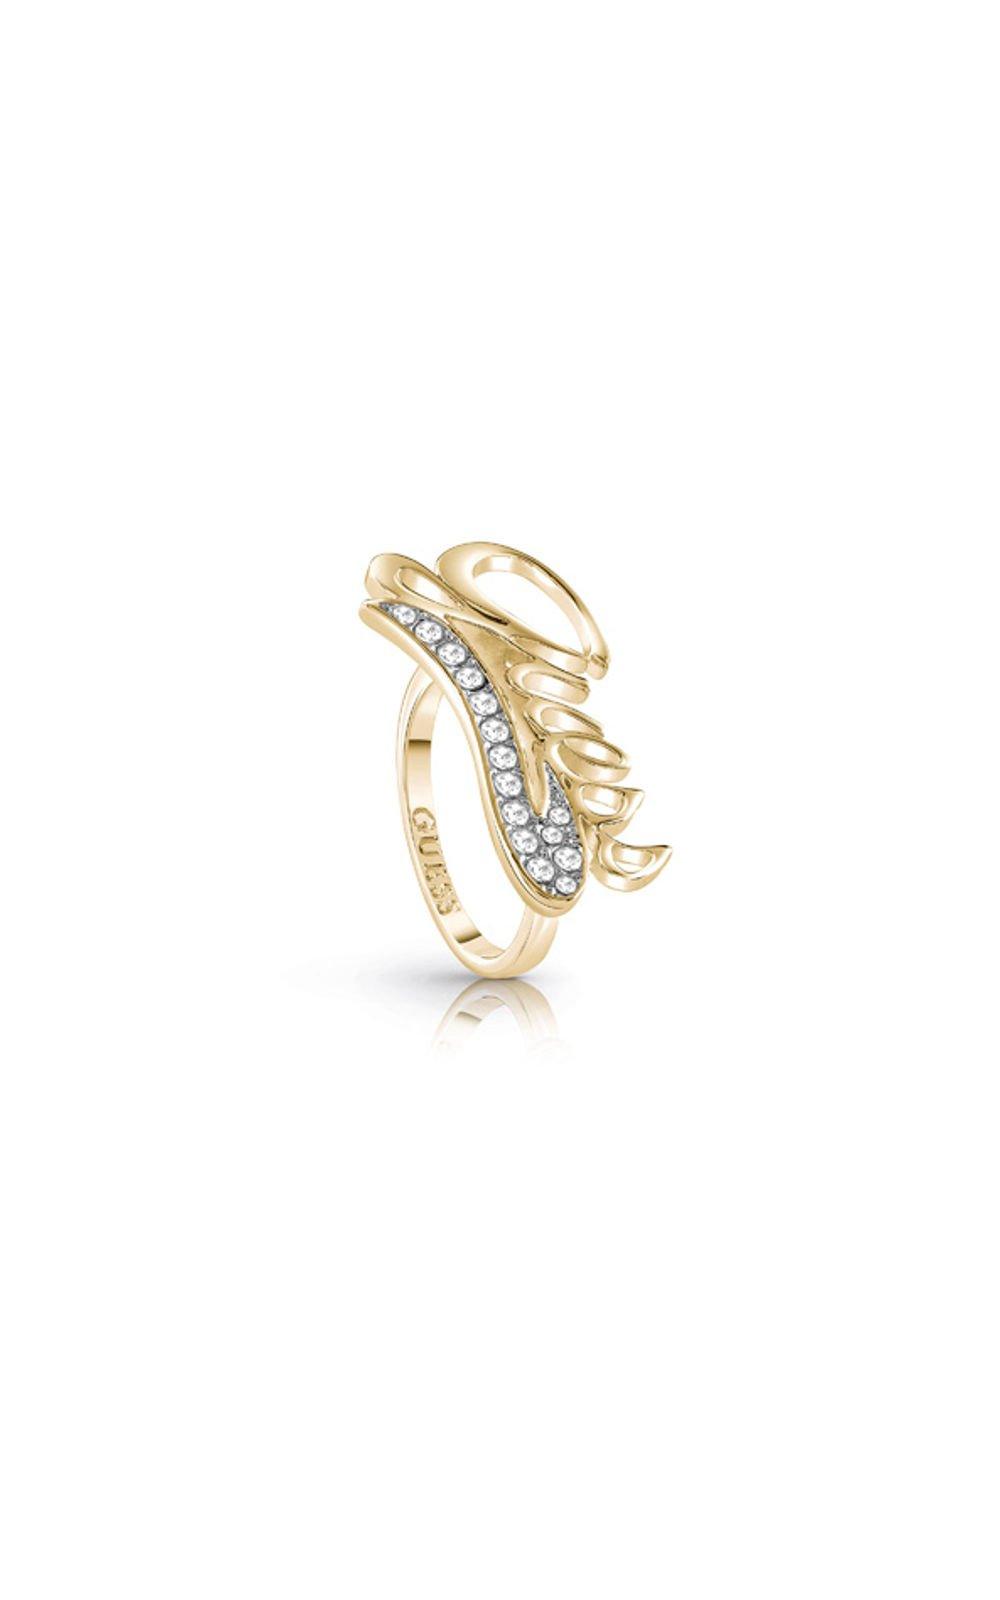 GUESS FAUX UBR85042-54 Χρυσό Δαχτυλίδι Με Λογότυπο